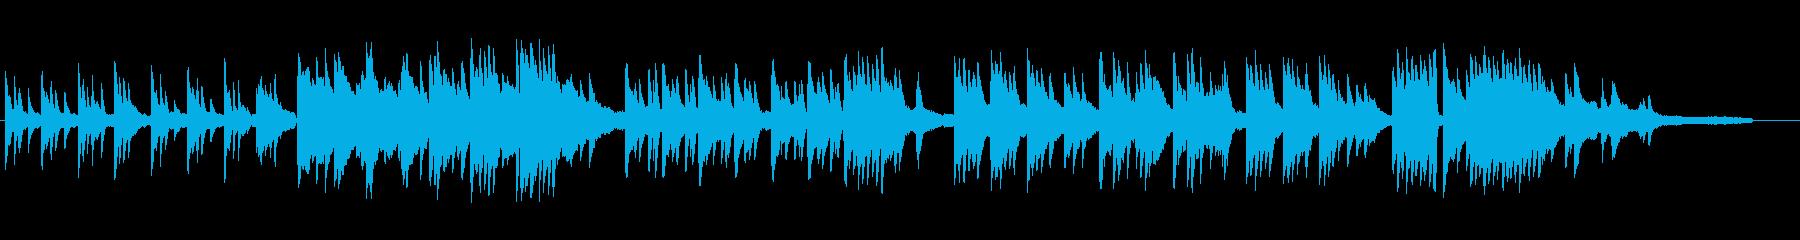 素朴でドラマチックなピアノソロの再生済みの波形